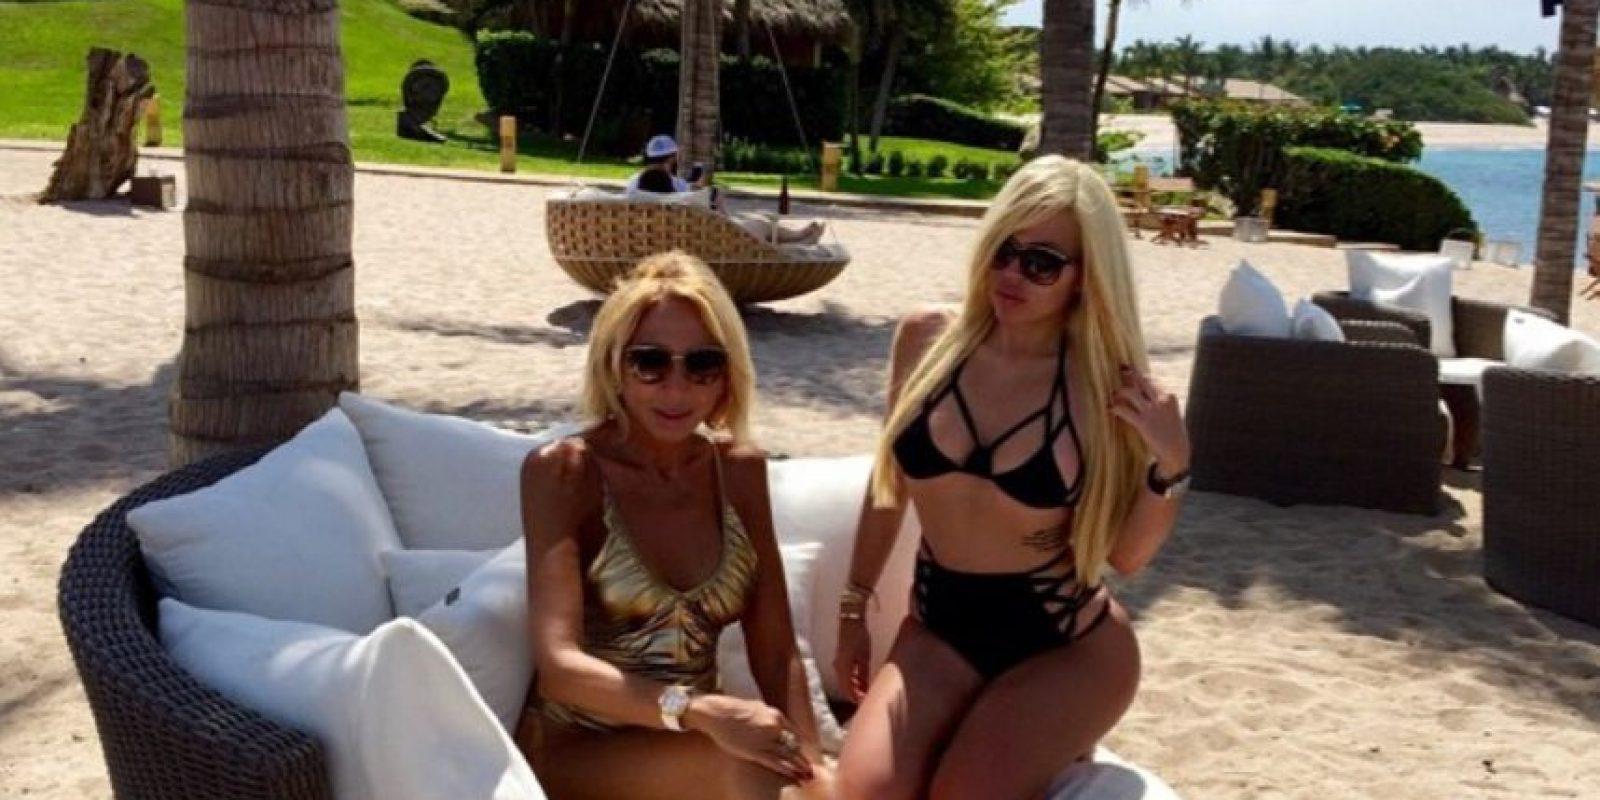 Alejandra de la Fuente, la hija de la presentadora de TV Laura Bozzo, es una de las grandes fans de Kim. Foto:Instagram @missale_xo